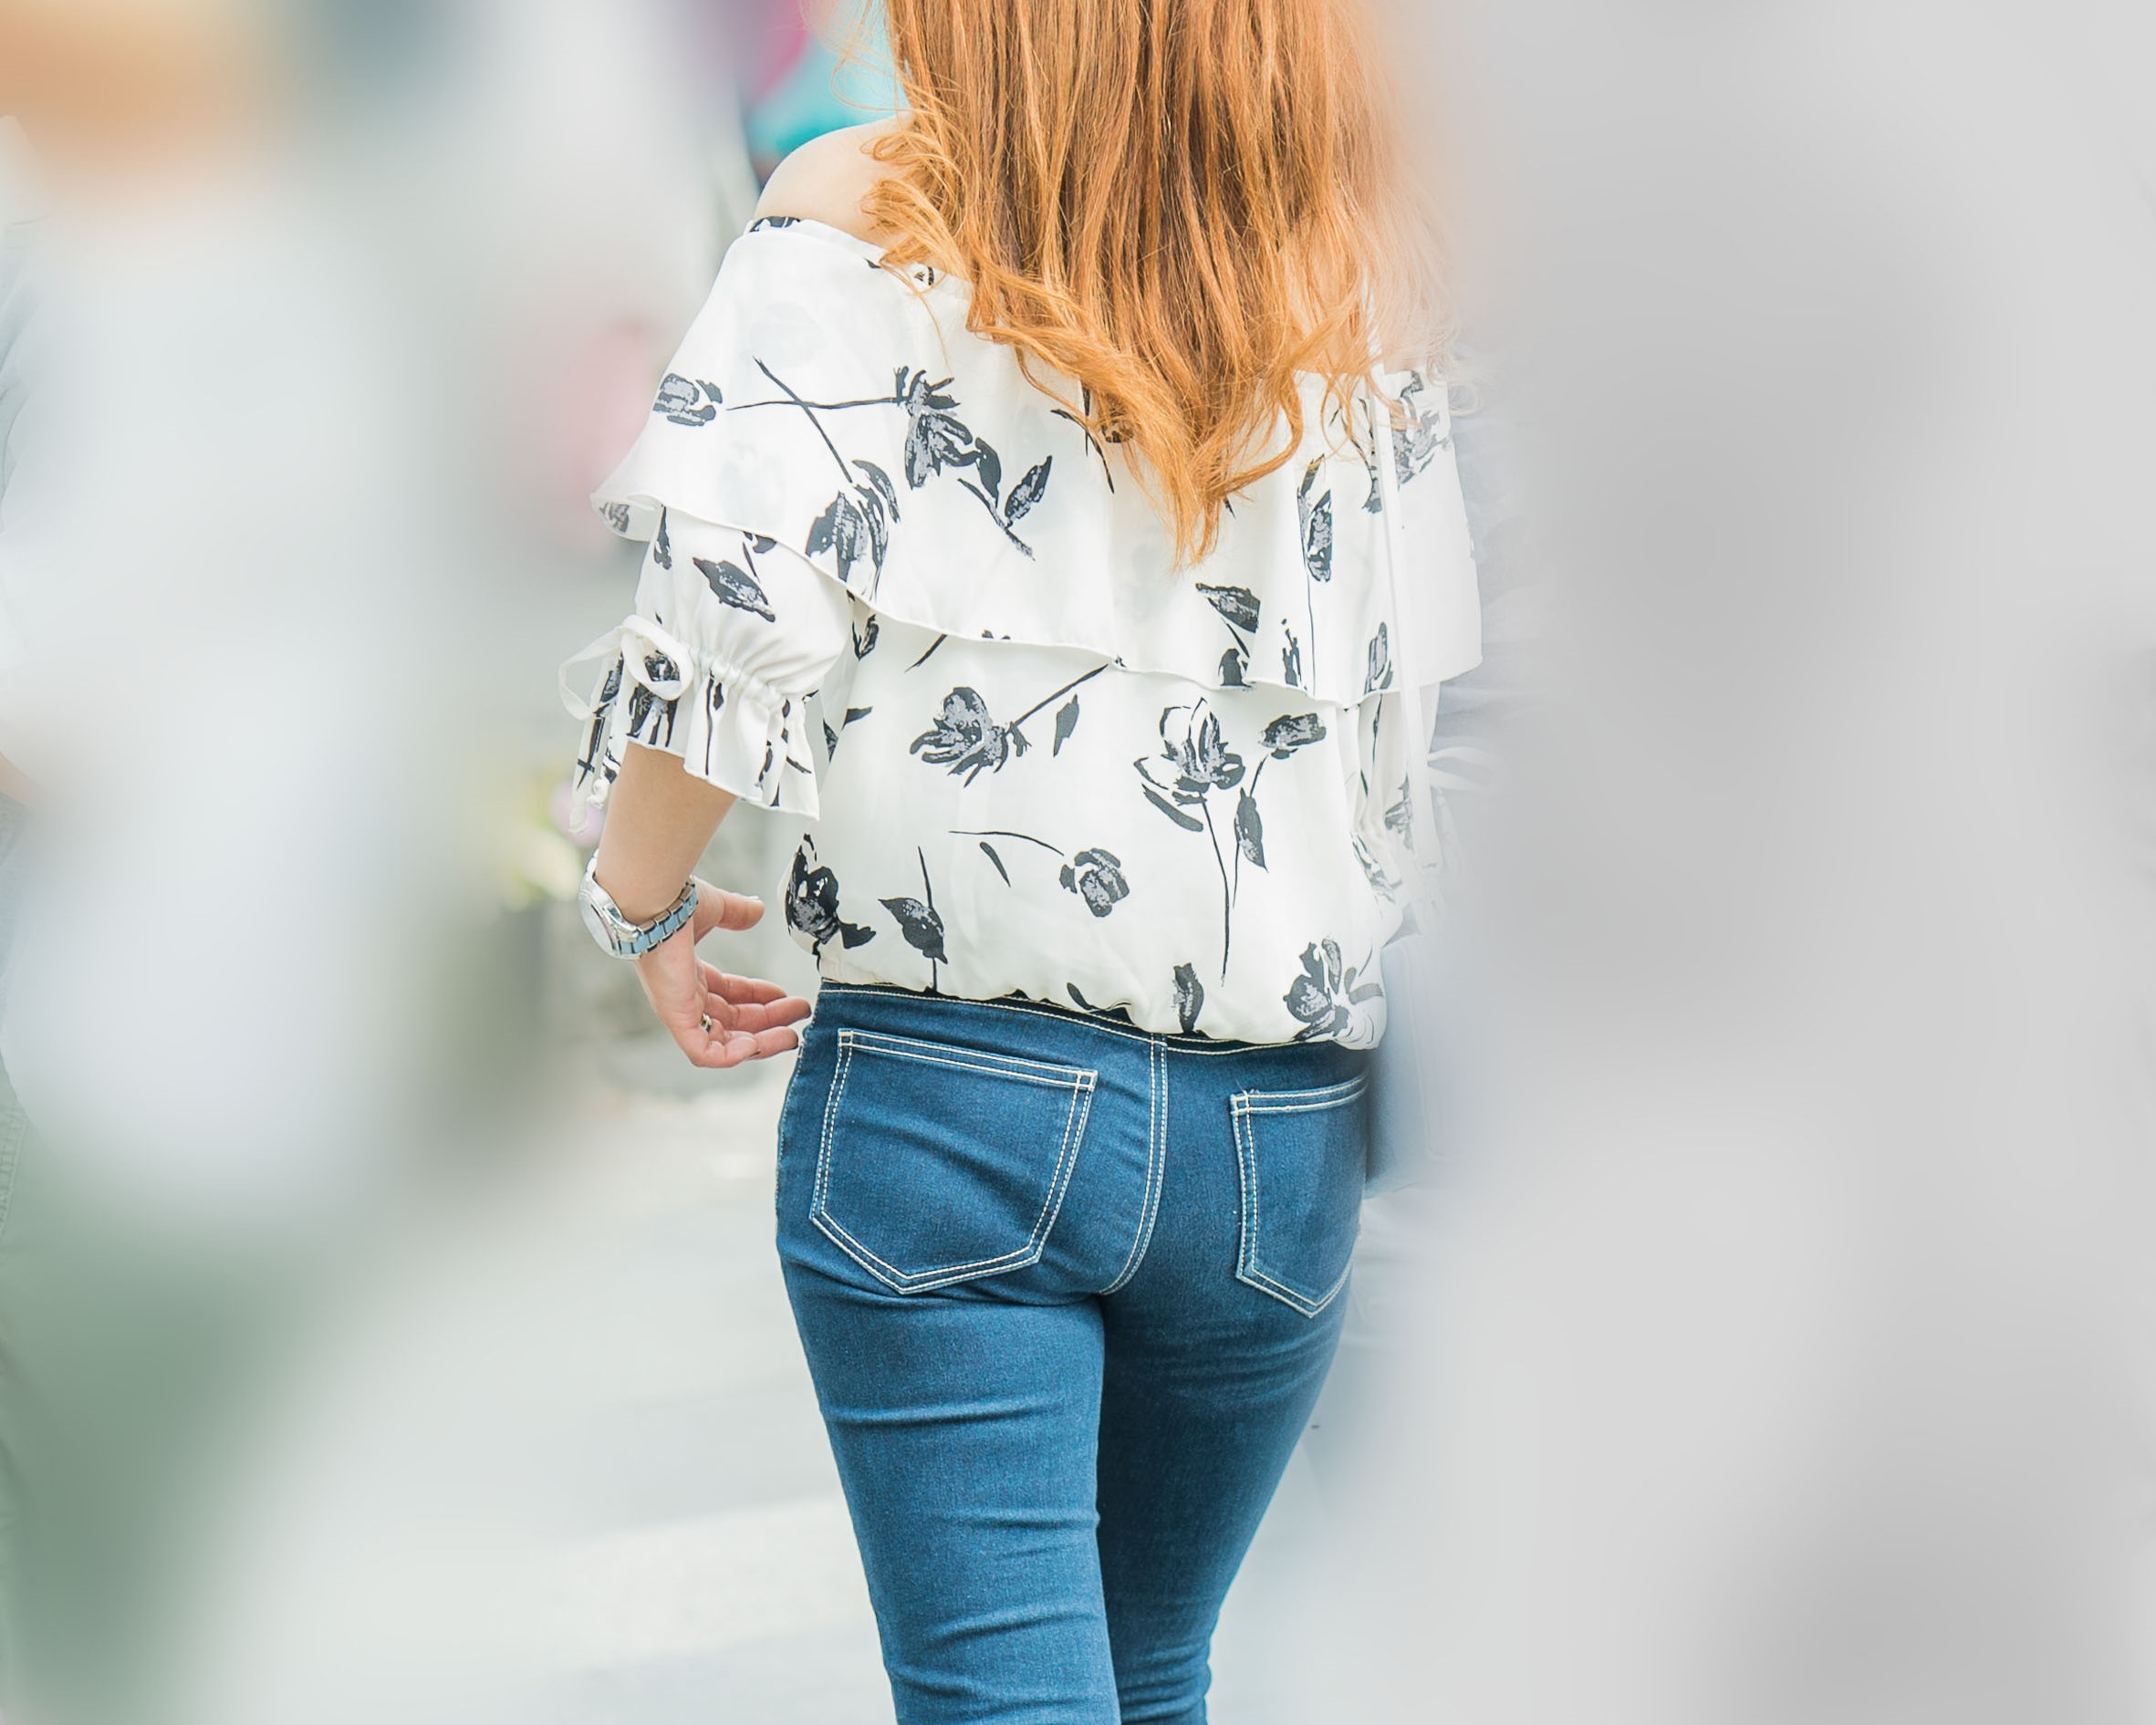 食い込みパンティ!で魅了するオフショルも色っぽいタイトデニムの女の子!